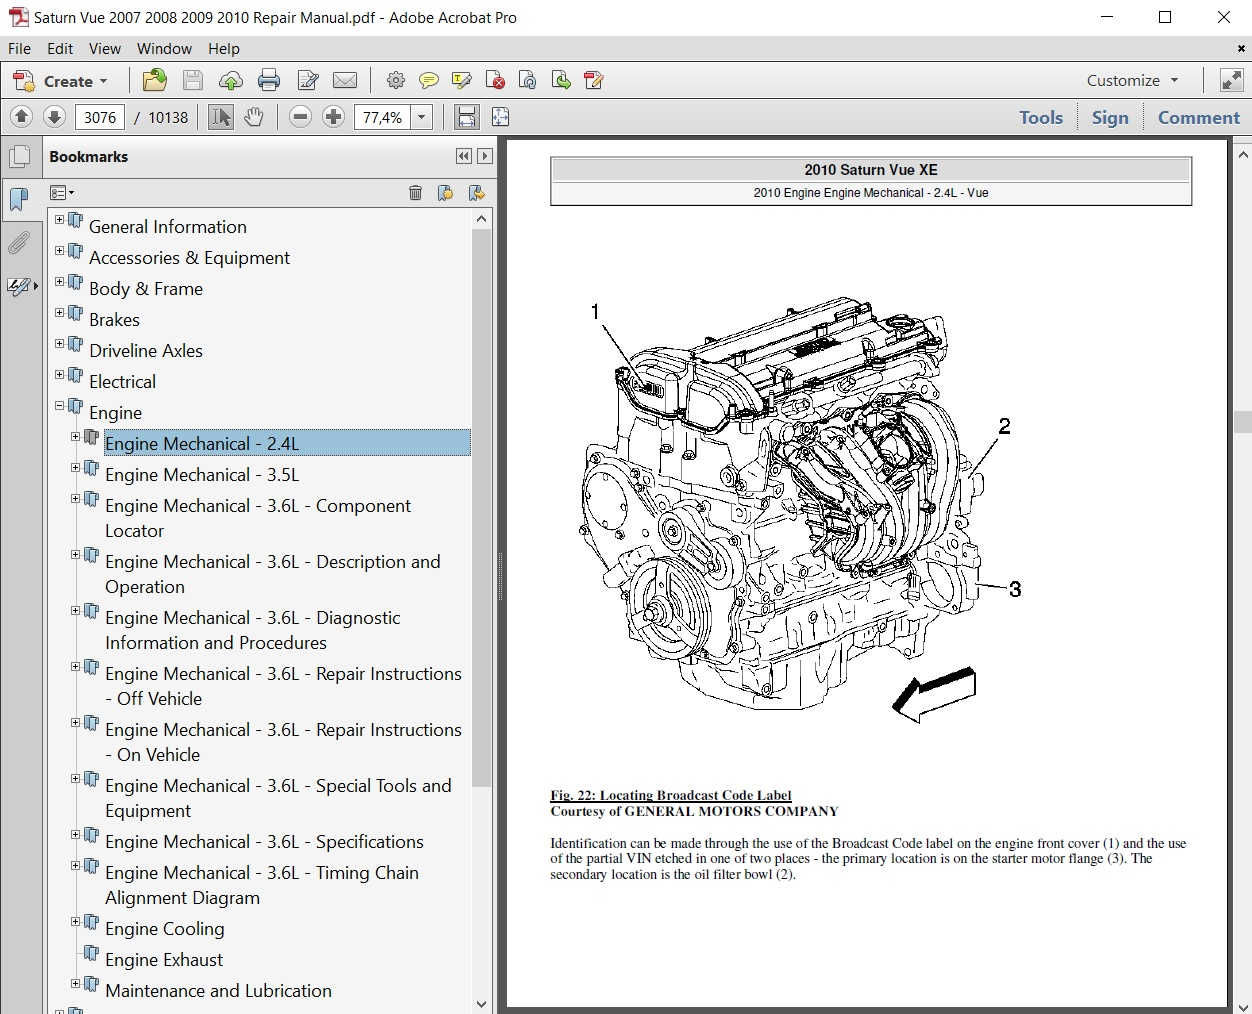 Saturn Vue 2007 2008 2009 2010 Repair Manual